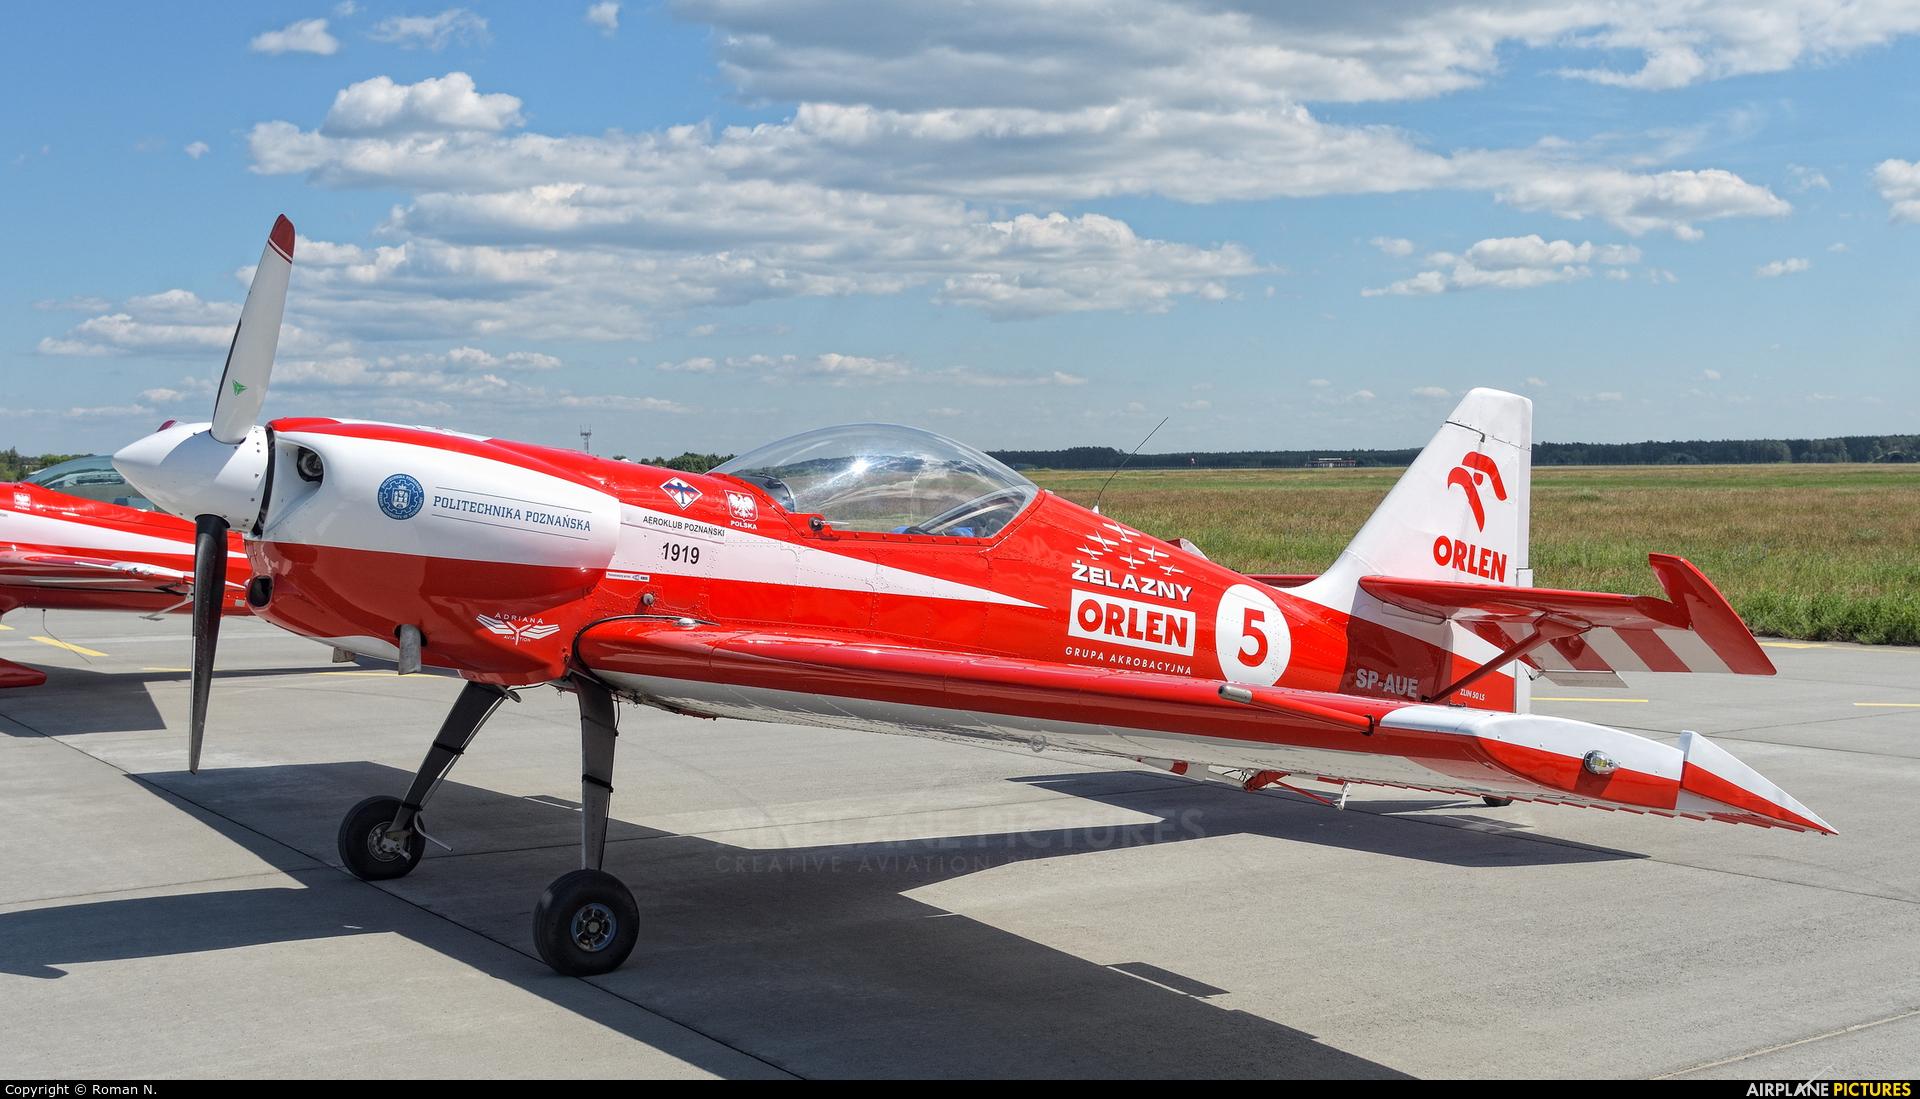 Grupa Akrobacyjna Żelazny - Acrobatic Group SP-AUE aircraft at Bydgoszcz - Szwederowo